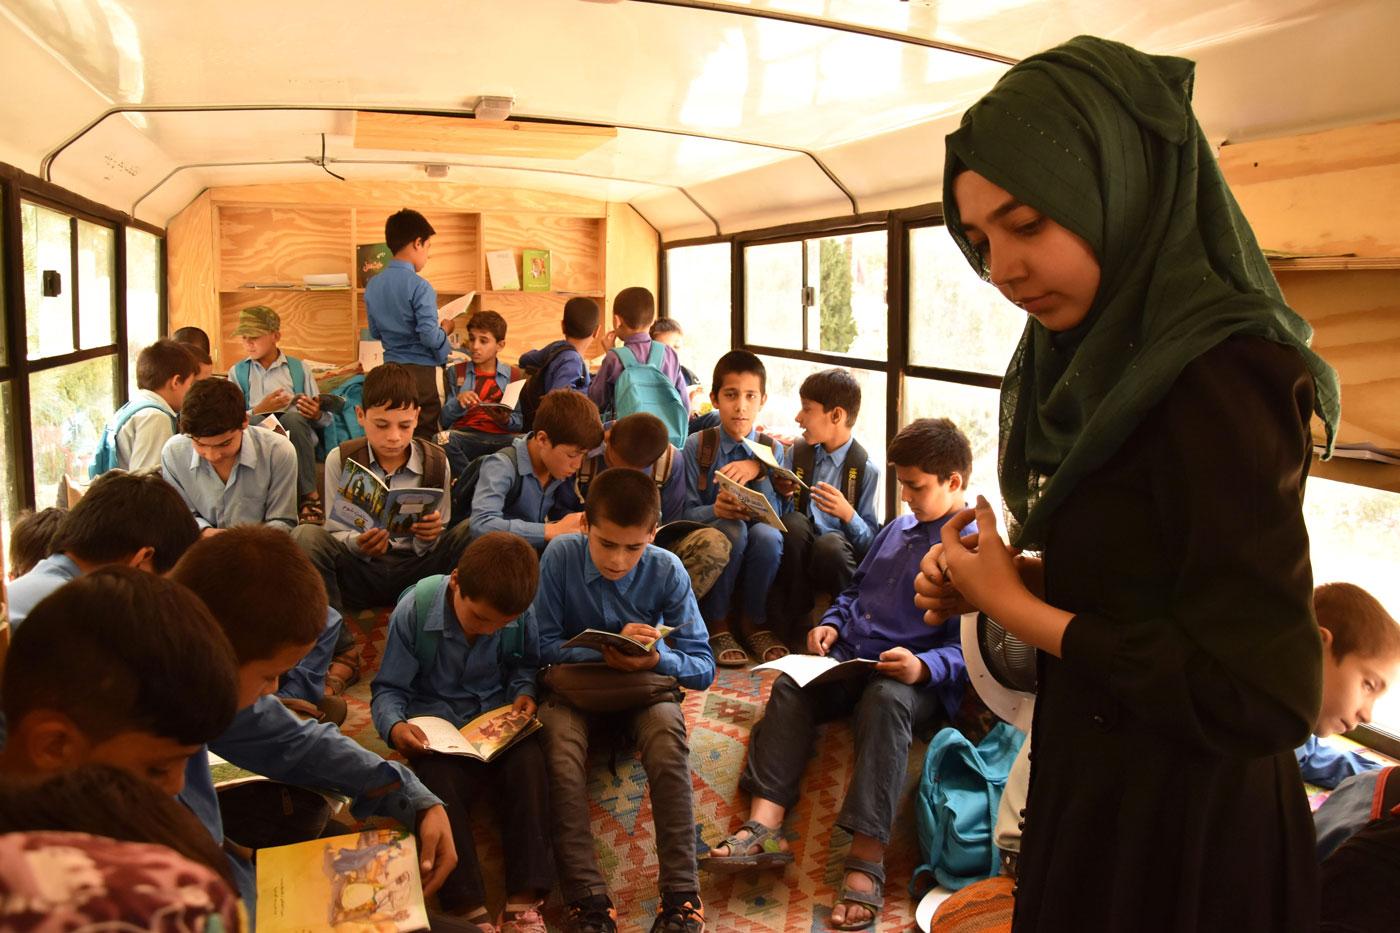 Una educadora comprova quins llibres estan llegint els nens en un dels autobusos de l'associació Charmaghz, aquest diumenge a Kabul.